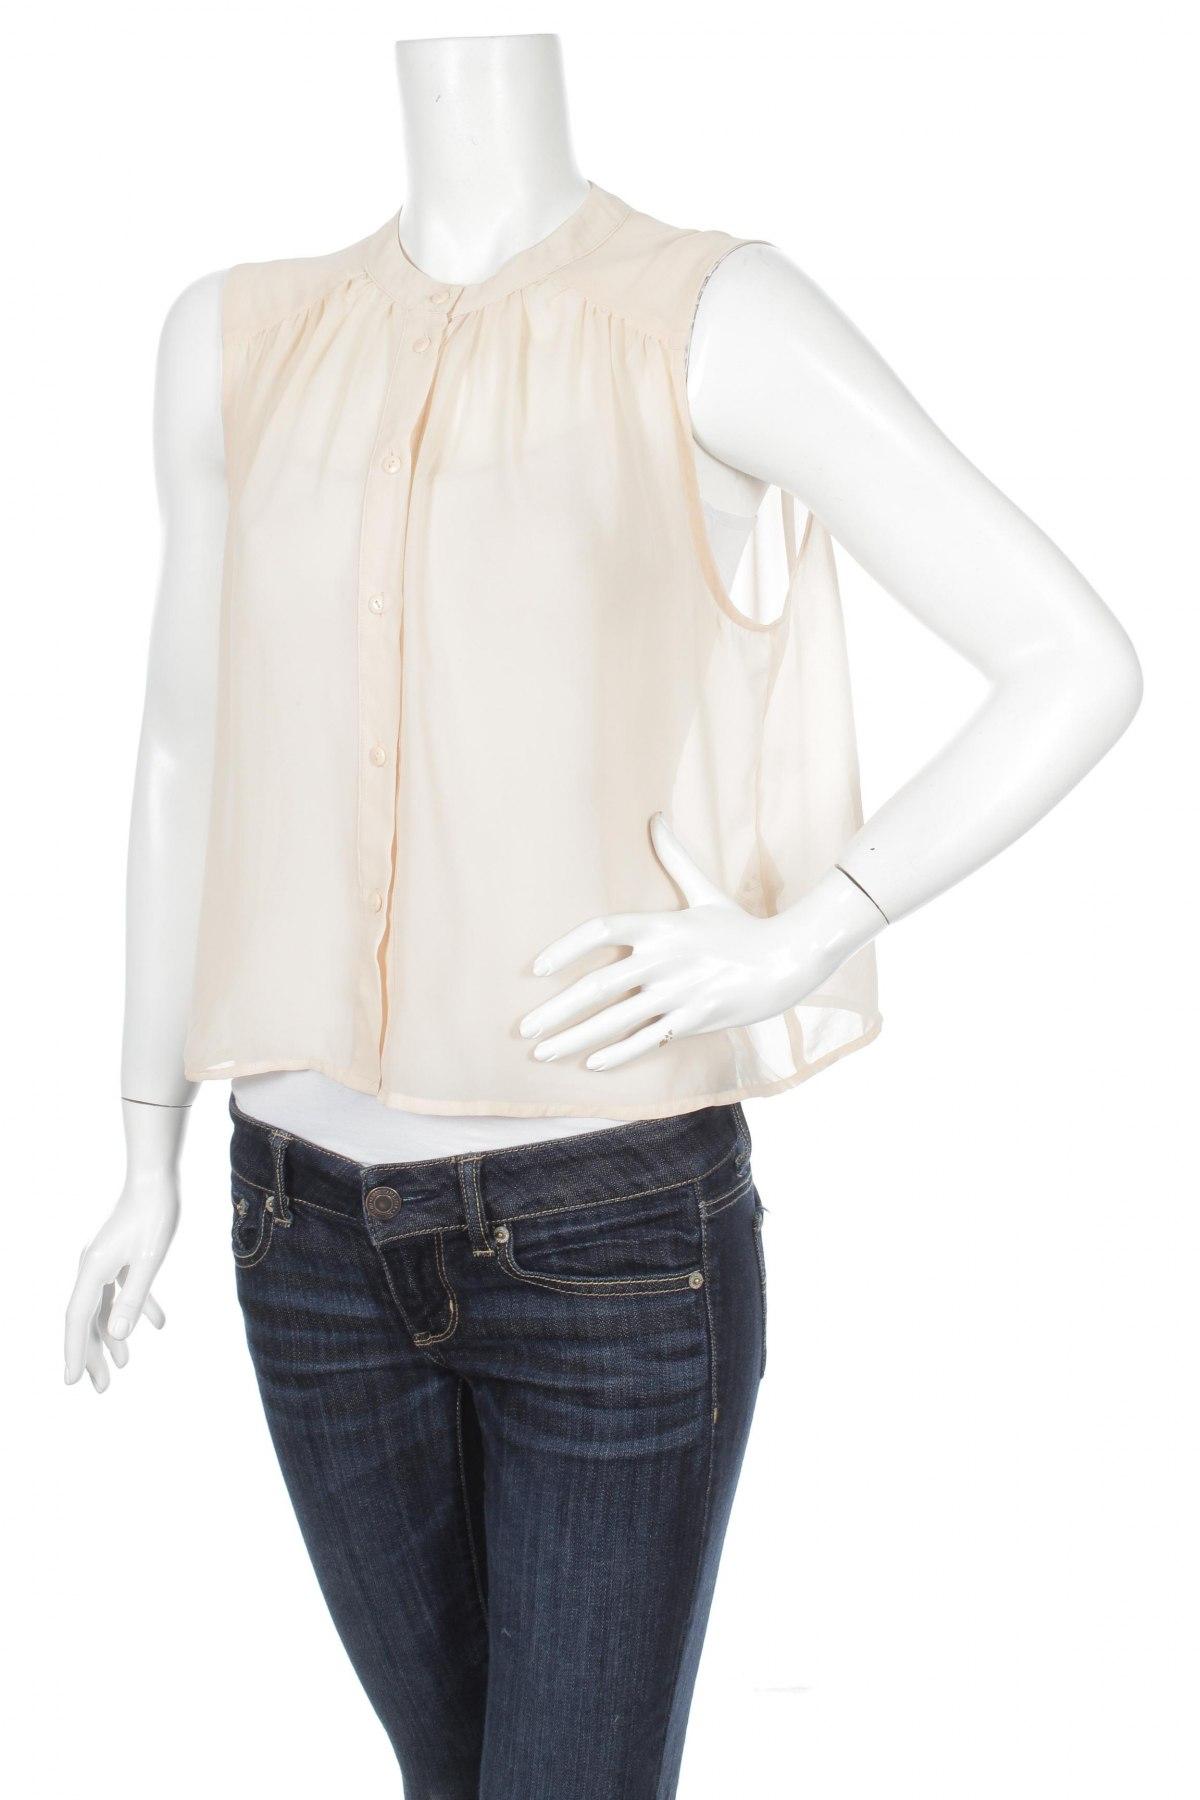 Γυναικείο πουκάμισο Monki, Μέγεθος S, Χρώμα Πορτοκαλί, 100% πολυεστέρας, Τιμή 9,28€